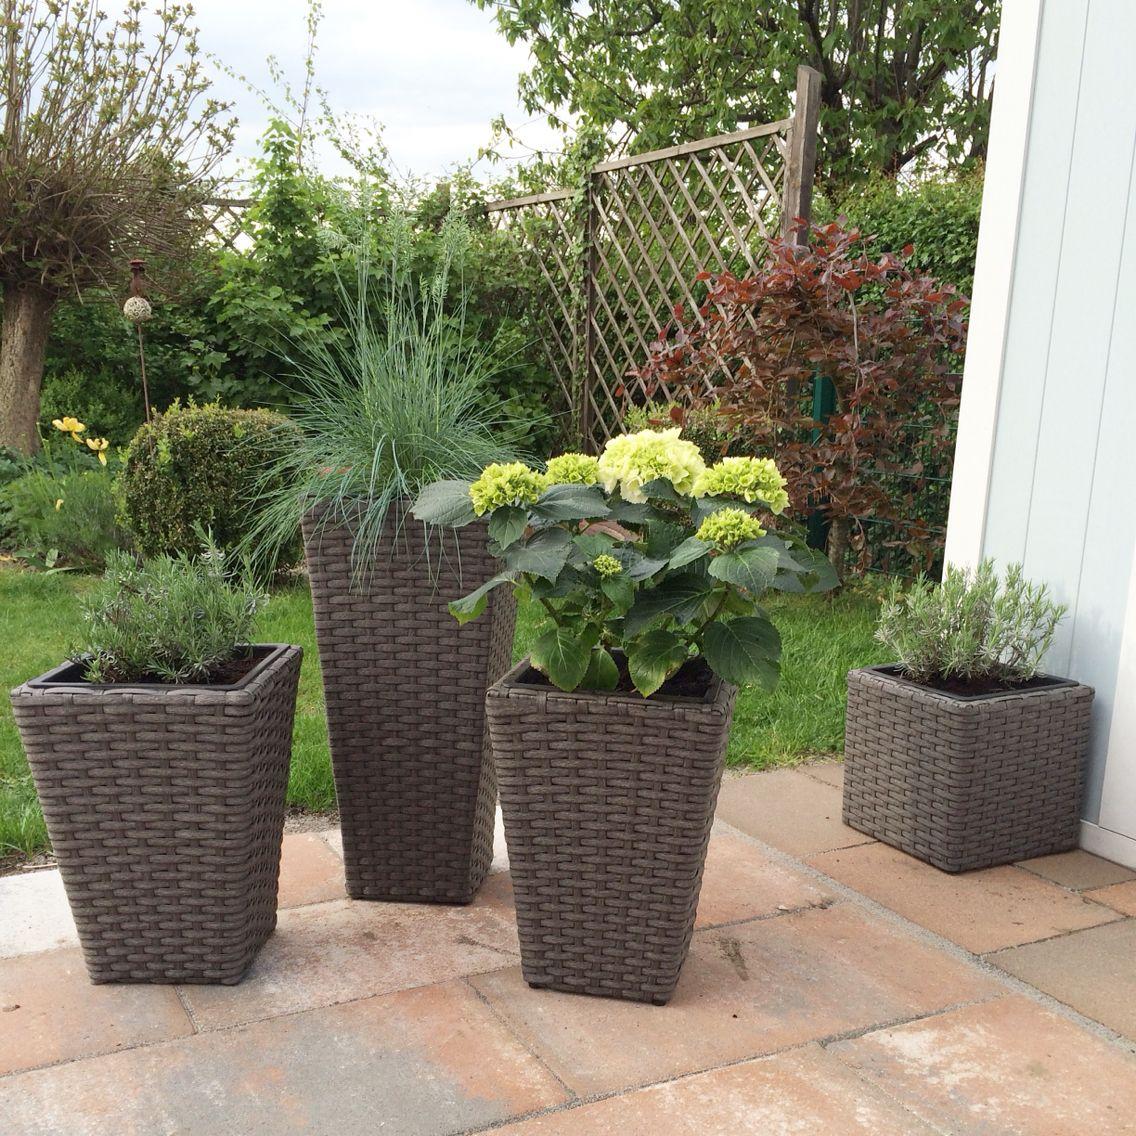 Topfpflanzen Terrasse Rattan Kubel Mit Bepflanzung Deko Pinterest